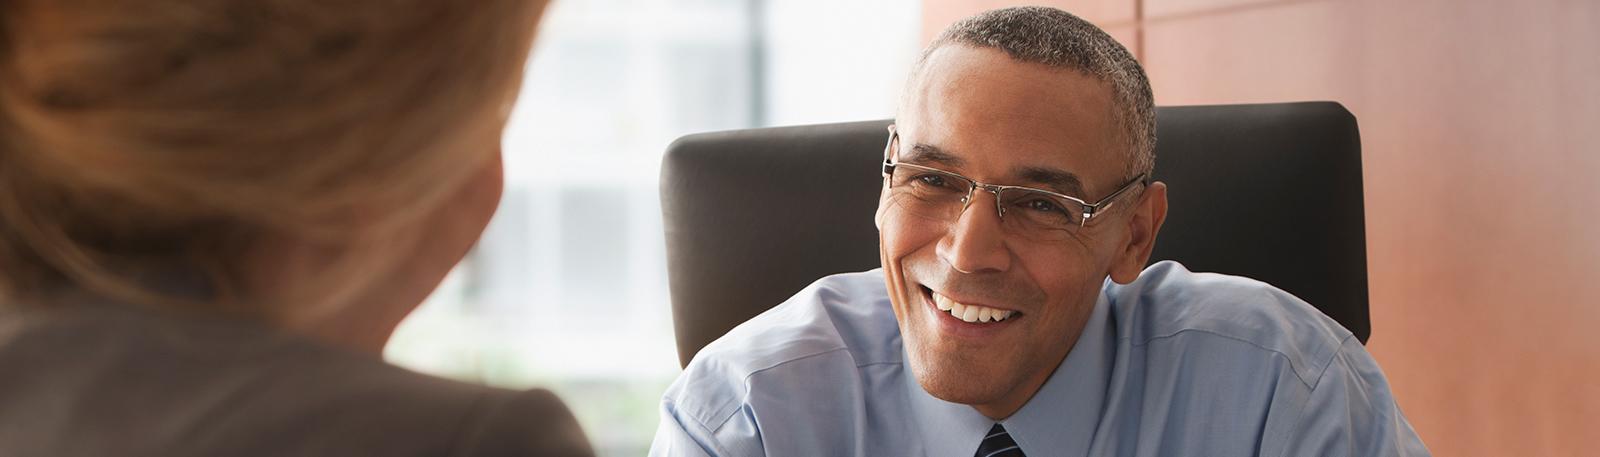 Client Services/Sales/Wealth Management